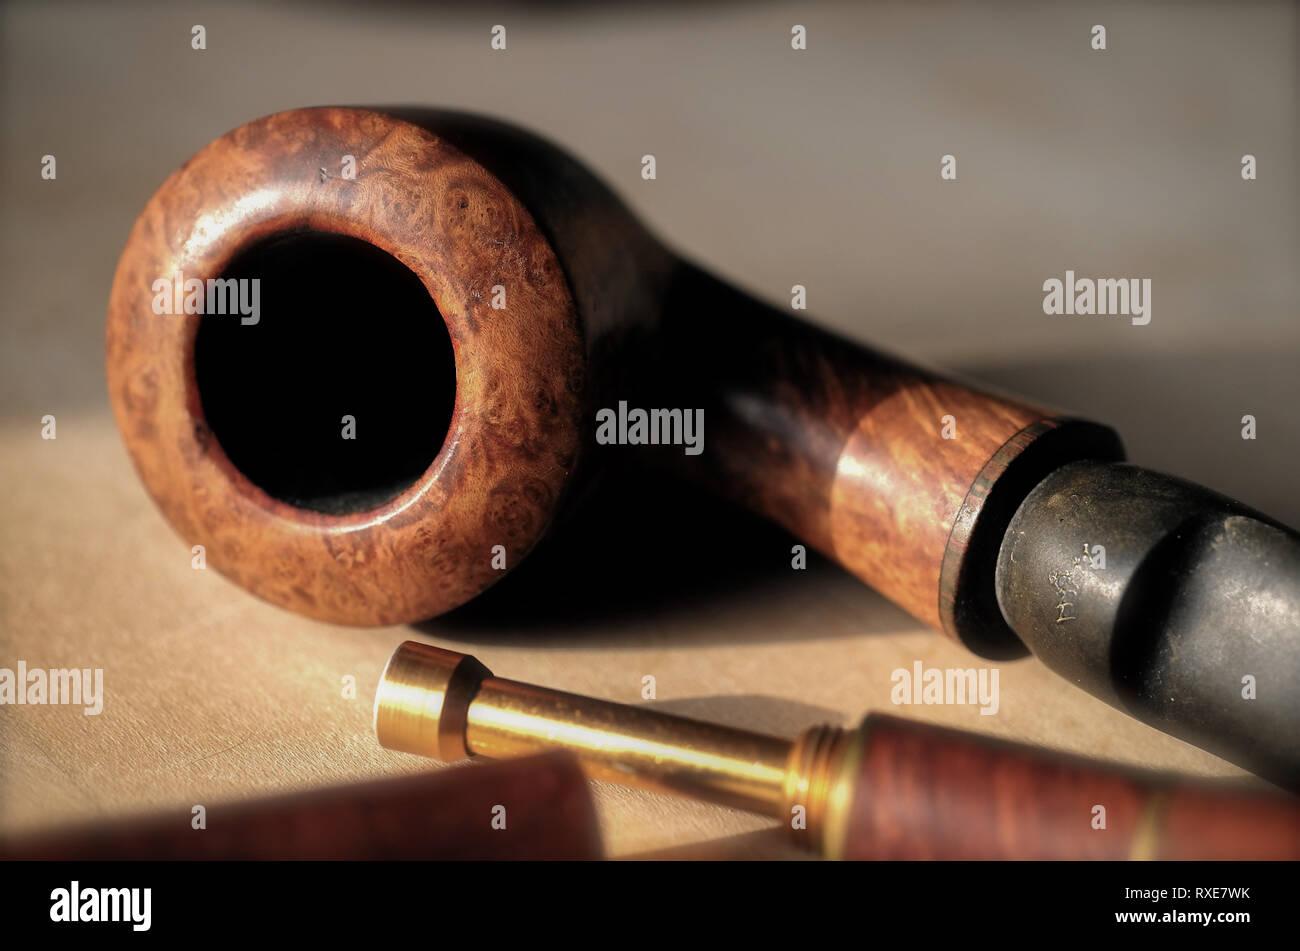 Stilleben Tabak Pfeife Stock Photo